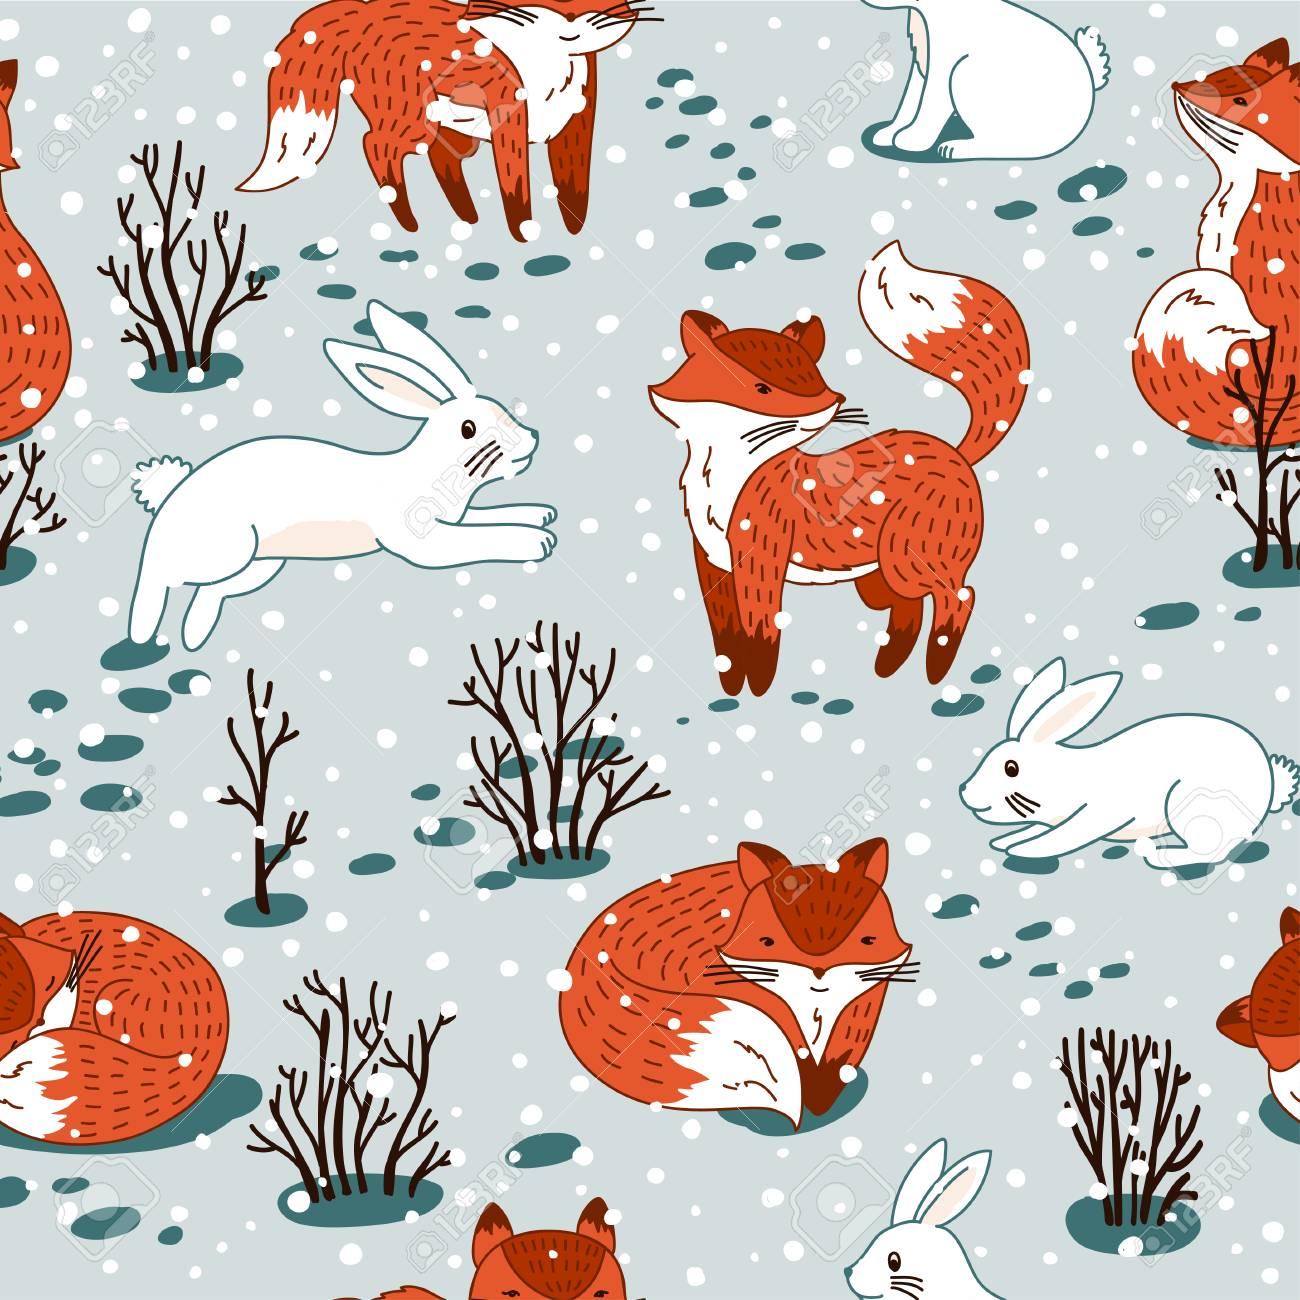 赤いキツネと森林の白ウサギ。野生の森林動物とシームレスなパターンを